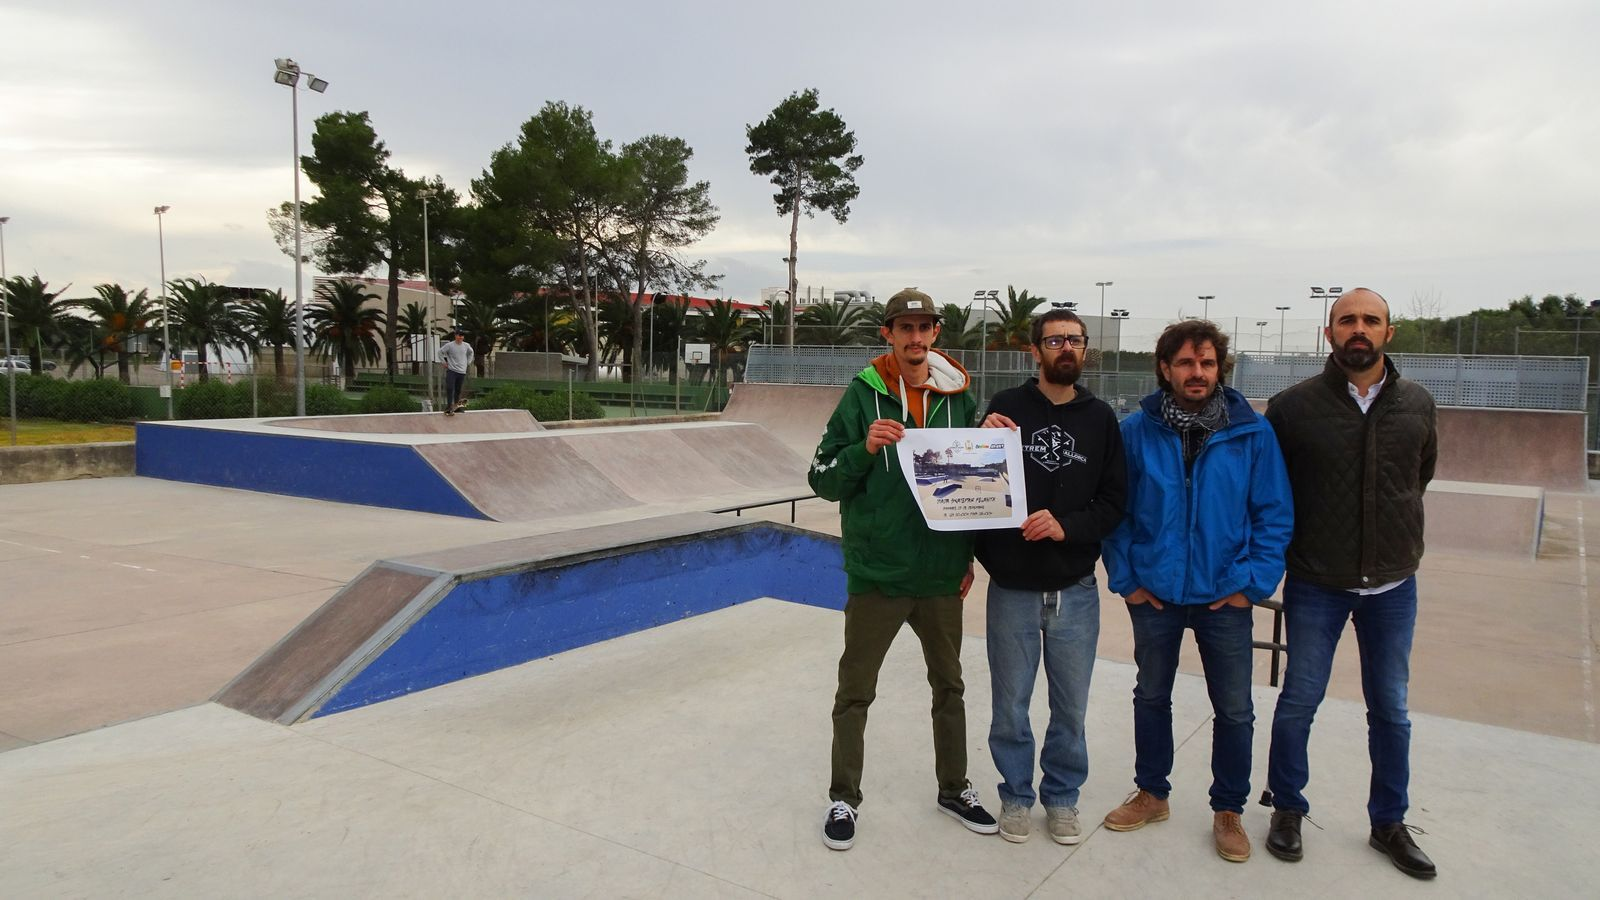 El nou skatepark s'ha ampliat davant la demanda de més pistes.